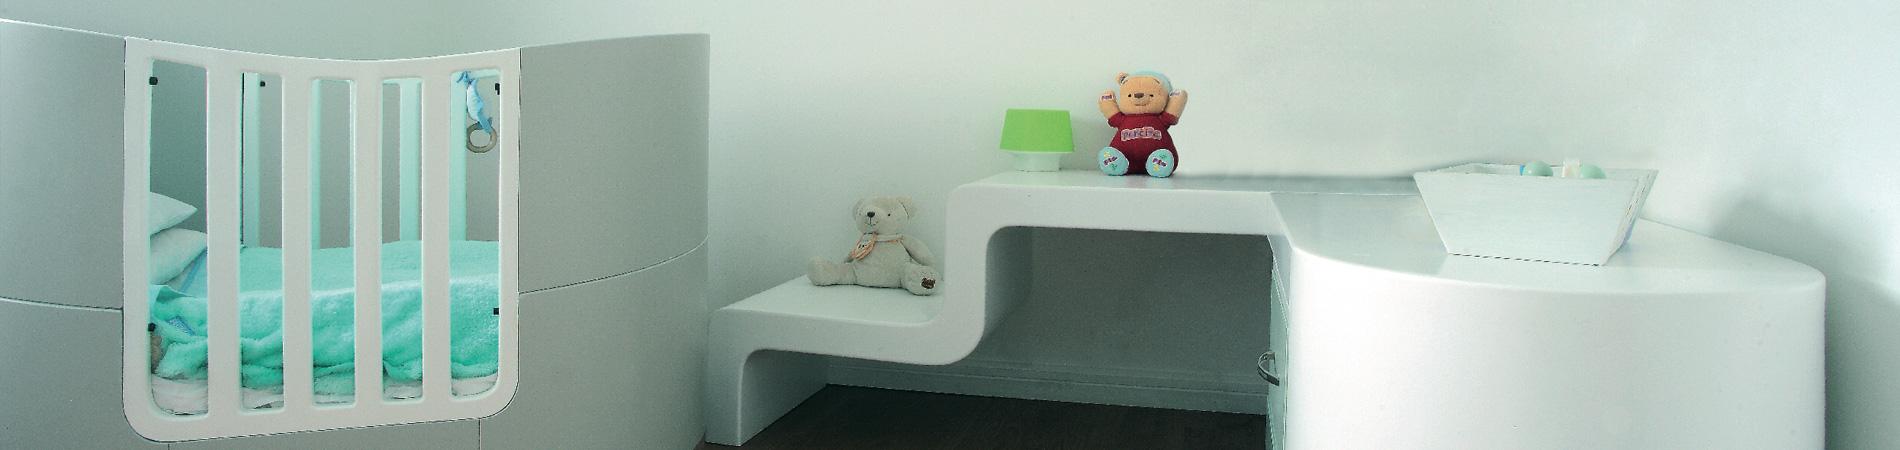 Intermag | Proyectos personalizados de muebles e interiores